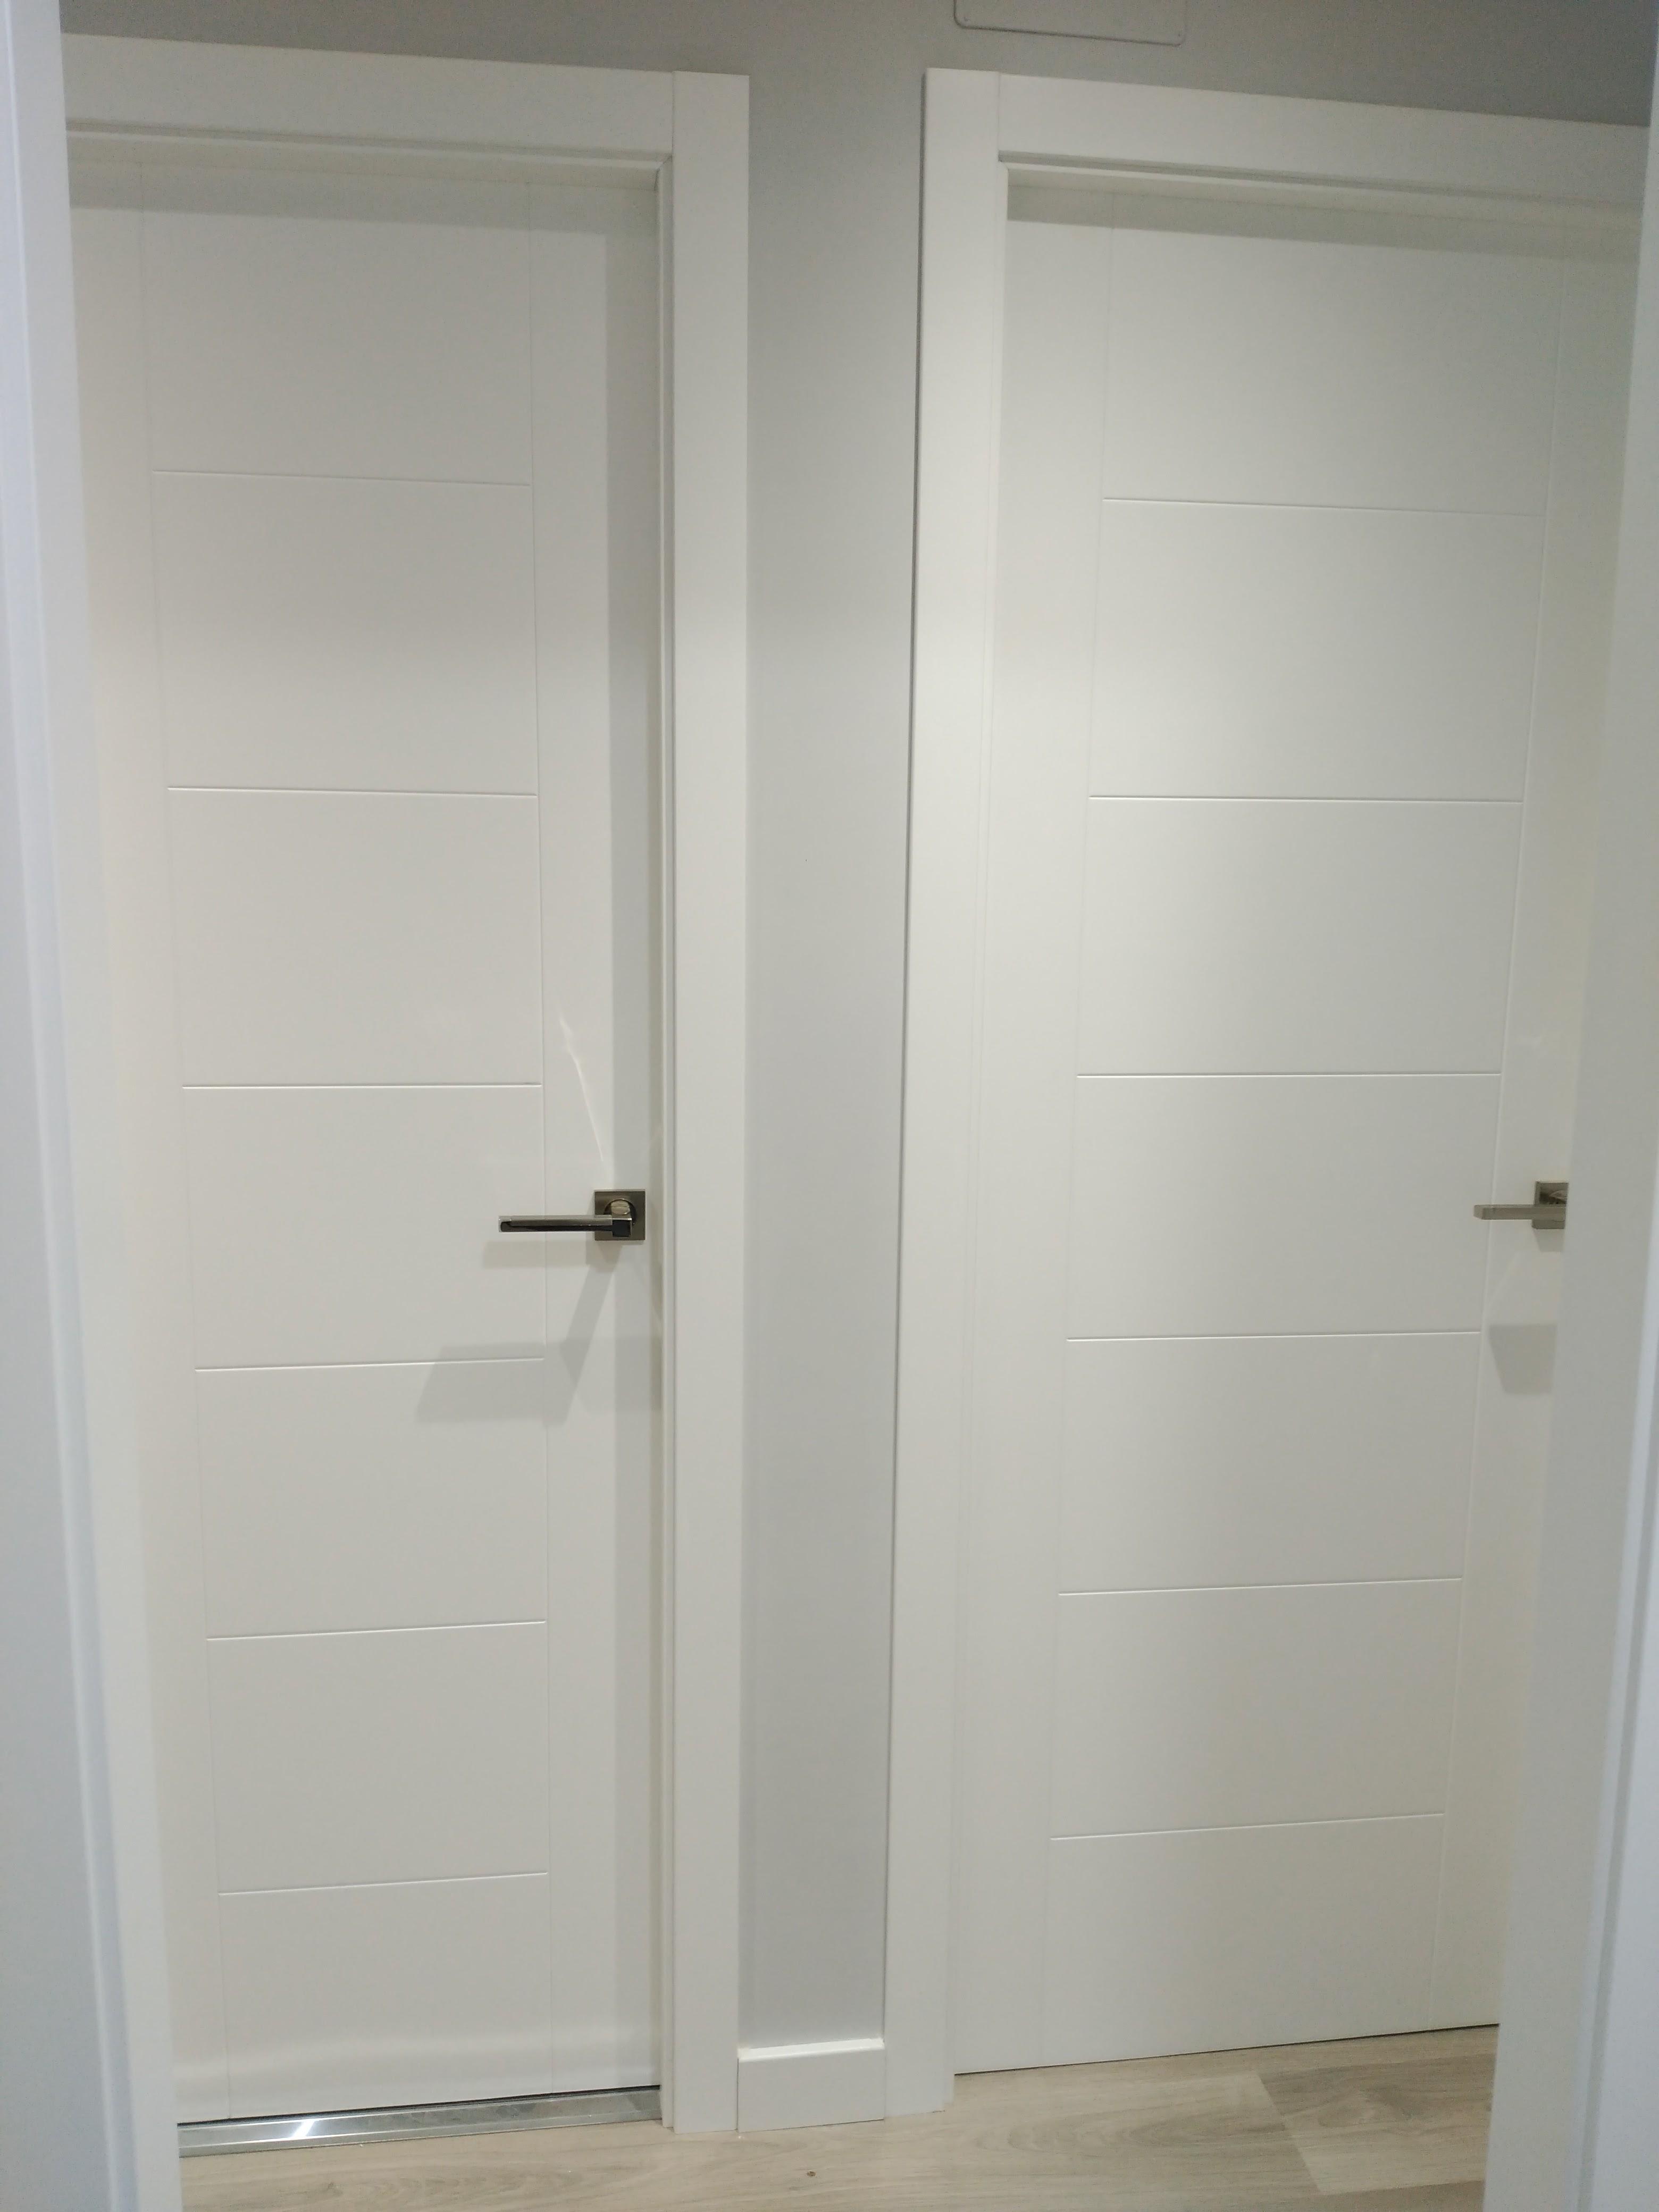 Proyectos en puertas de paso carpinter a murillo for Puertas de paso de cristal